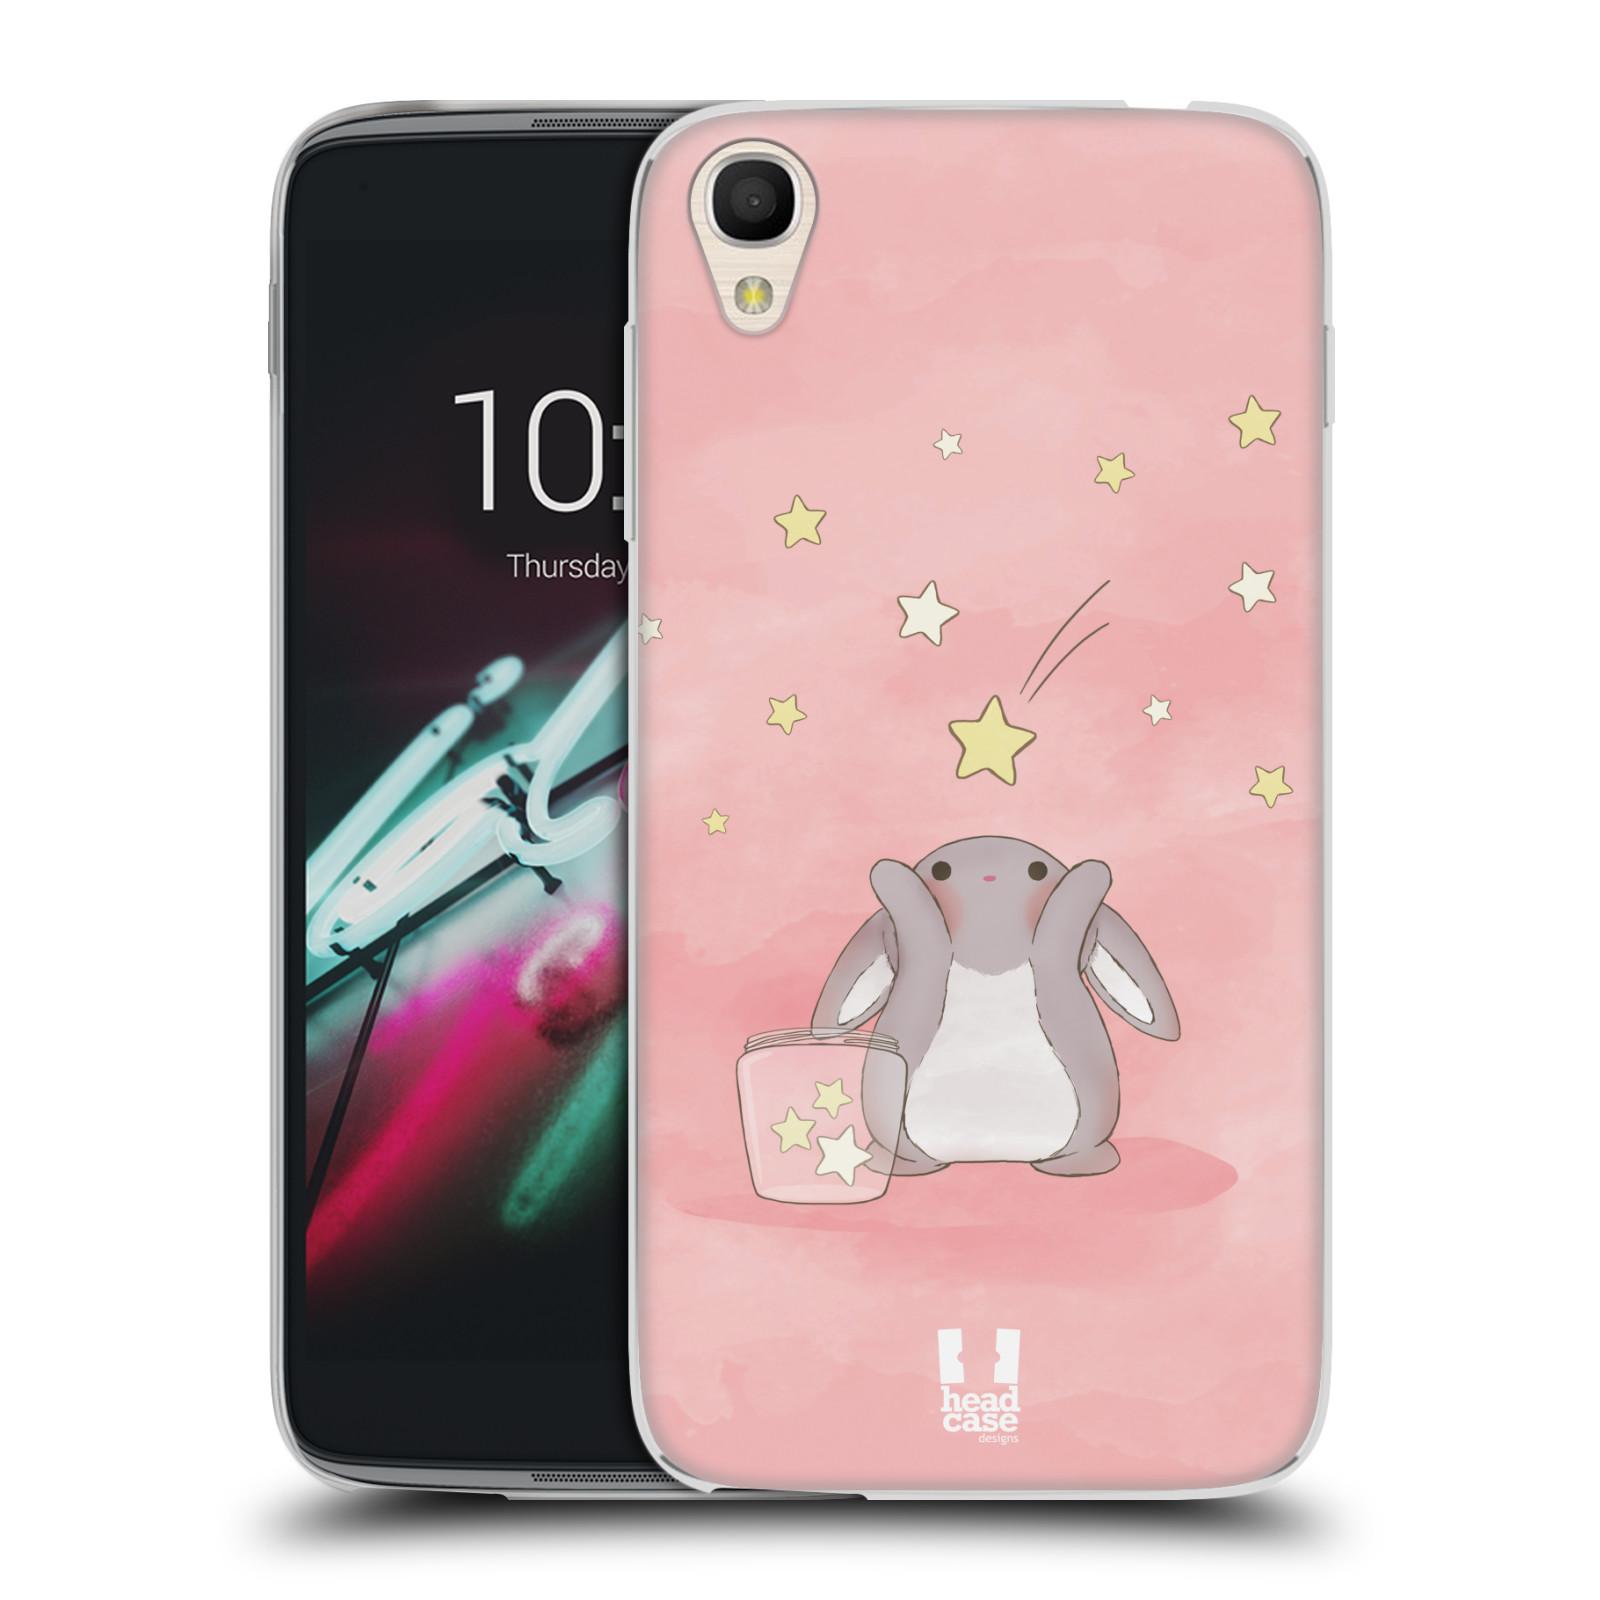 HEAD CASE silikonový obal na mobil Alcatel Idol 3 OT-6039Y (4.7) vzor králíček a hvězdy růžová